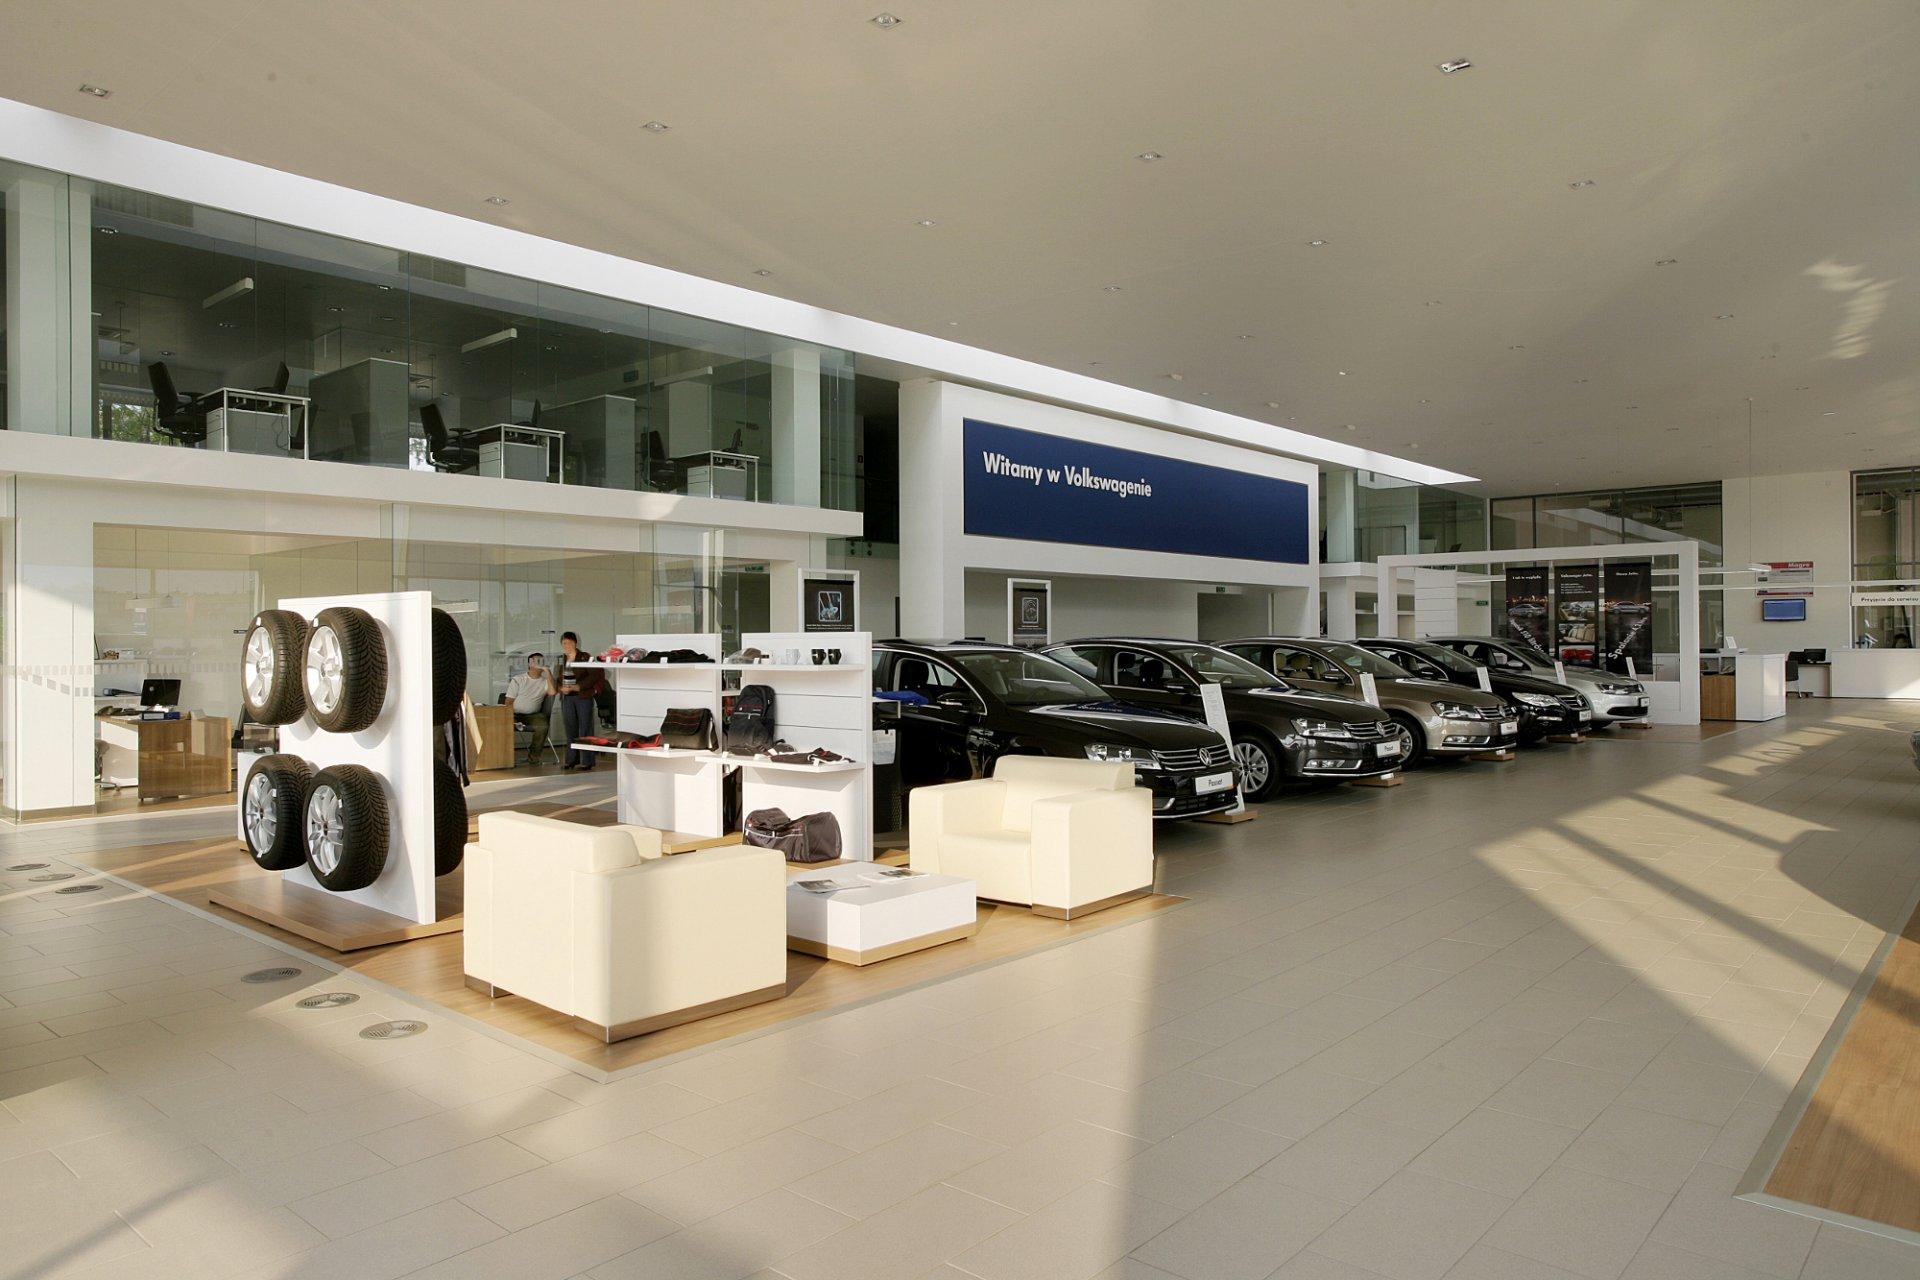 Wnętrza salonu samochodowego Volkswagen w Świętochłowicach